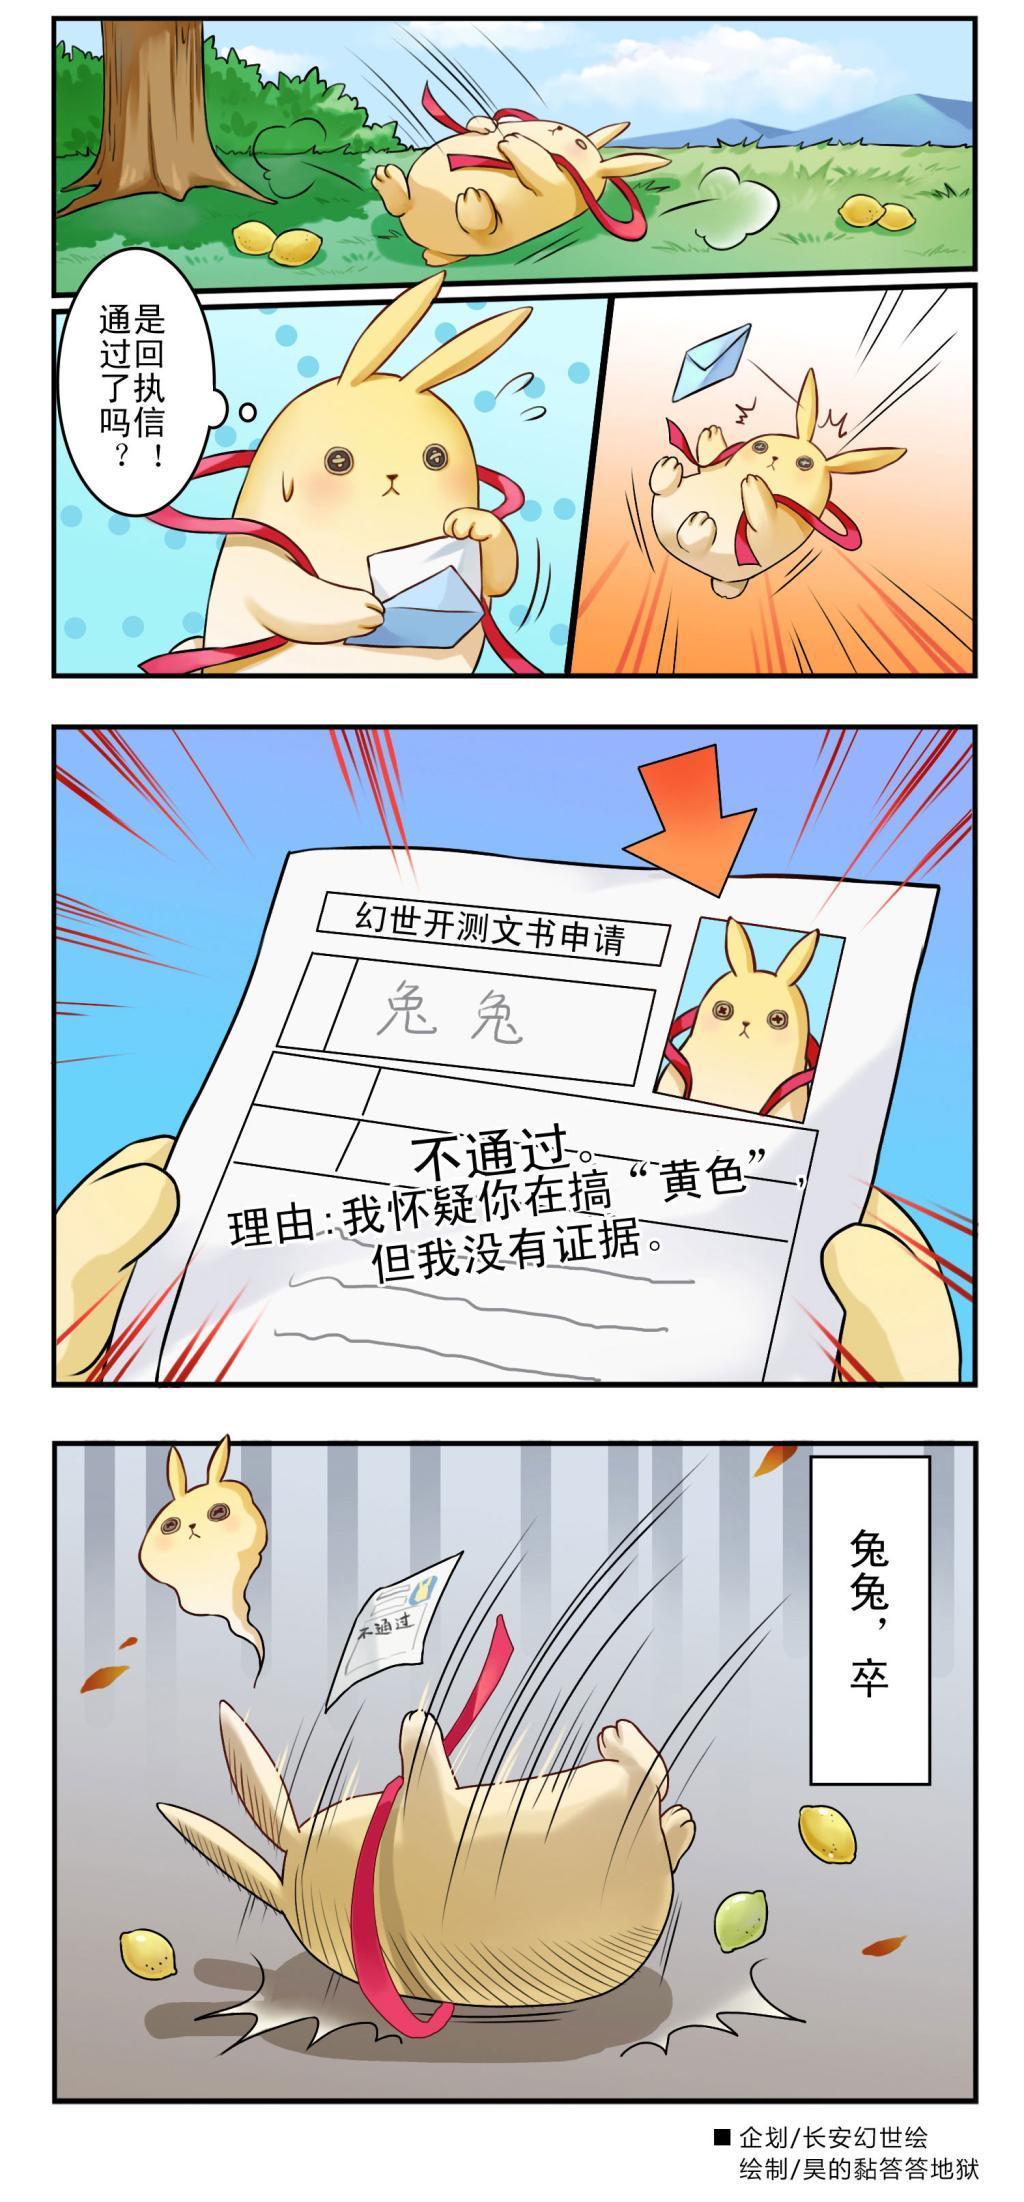 长安凉凉绘s条漫第1话s成稿_04.jpg